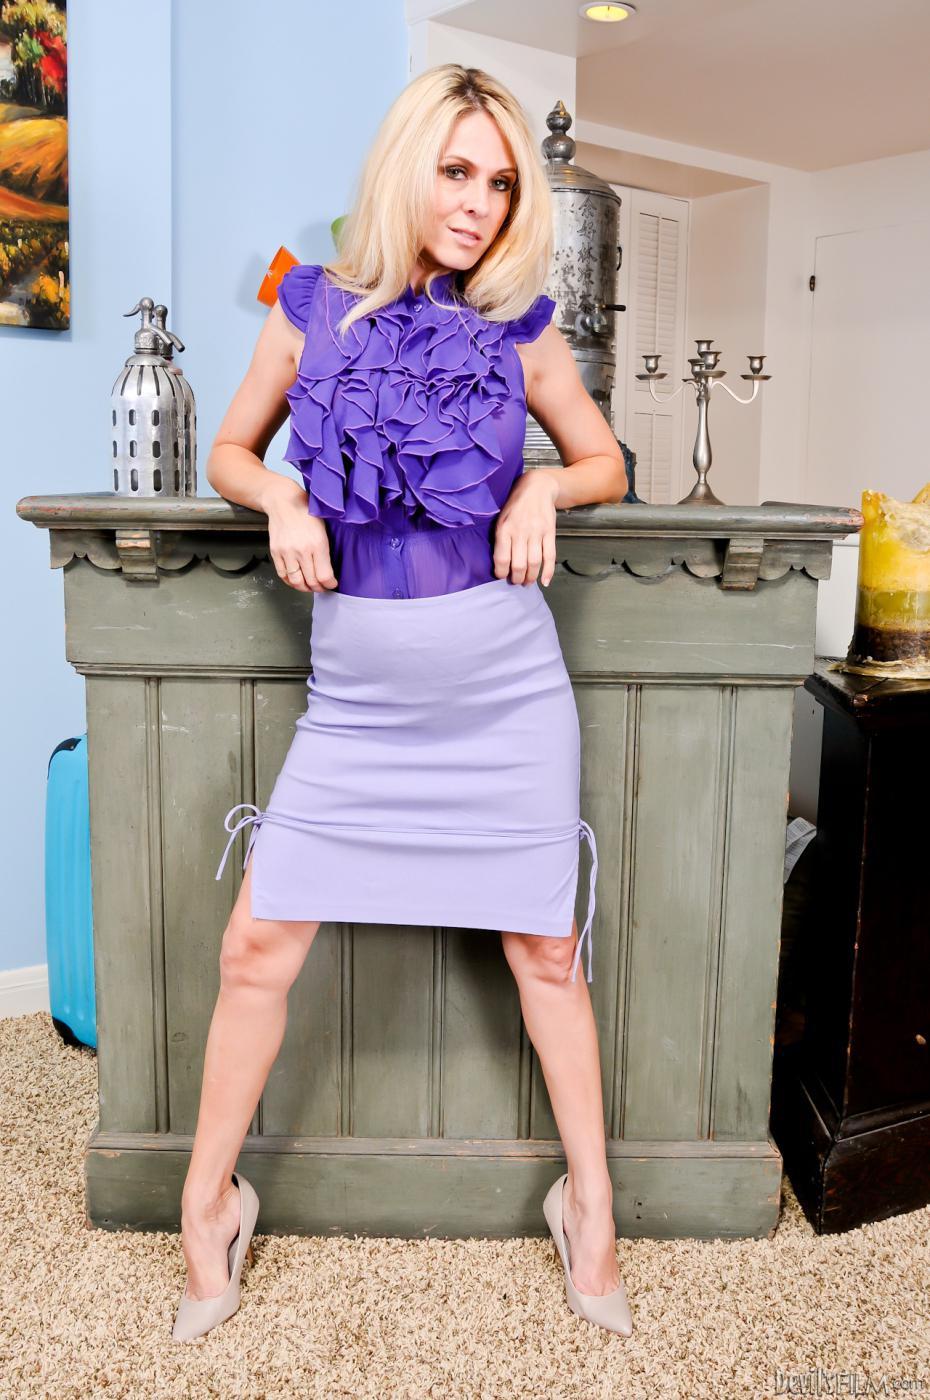 Темноволосая девка Angela Attison и модель со свелыми волосами Angela Attison собираются раздеться и продемонстрировать свои тела